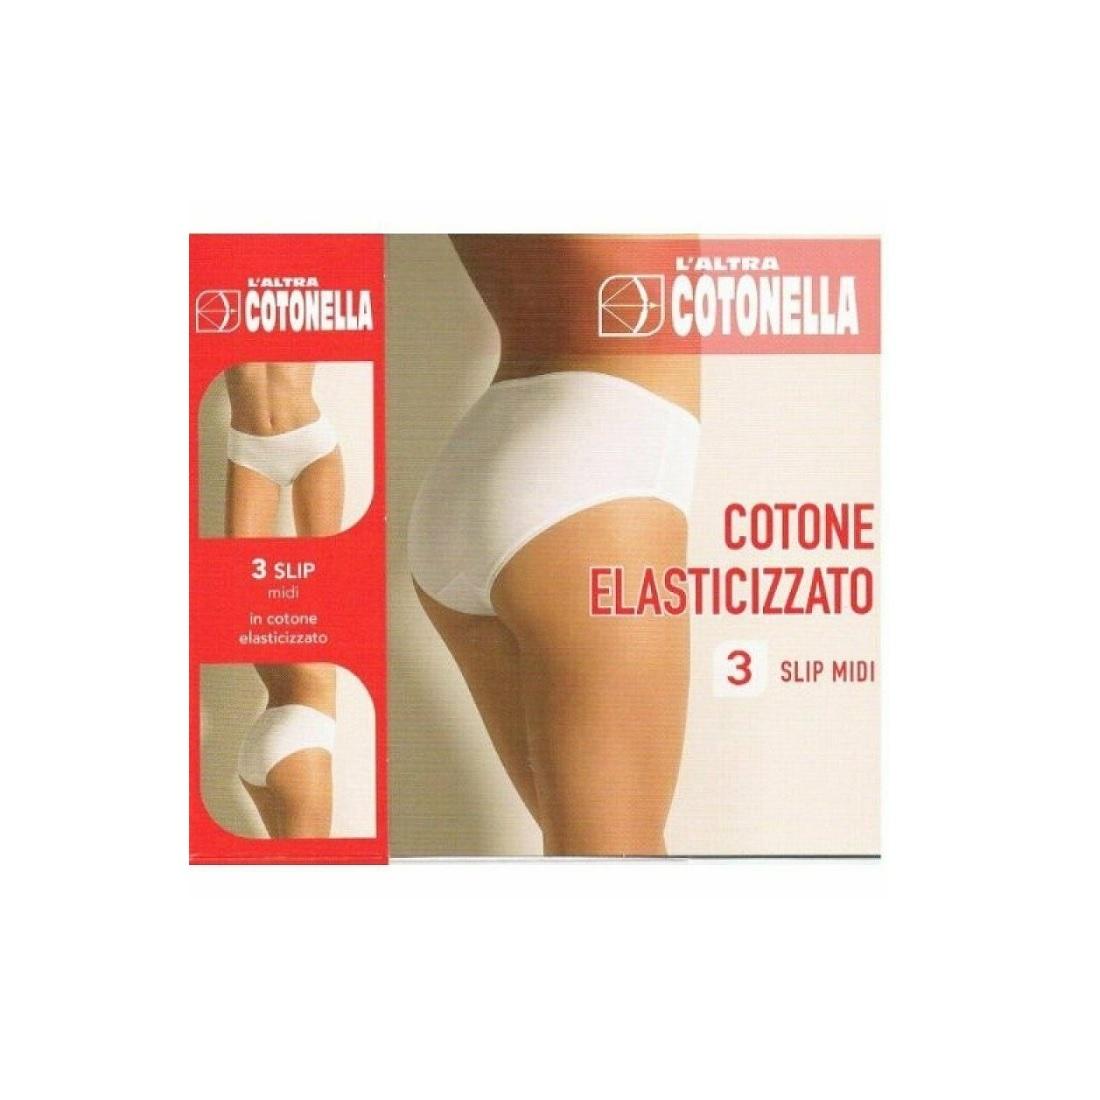 50dbf0812b83 3 Slip Cotonella Articolo 3940 Elasticcizato Midi 3 Pezzi L' Altra Cotonella